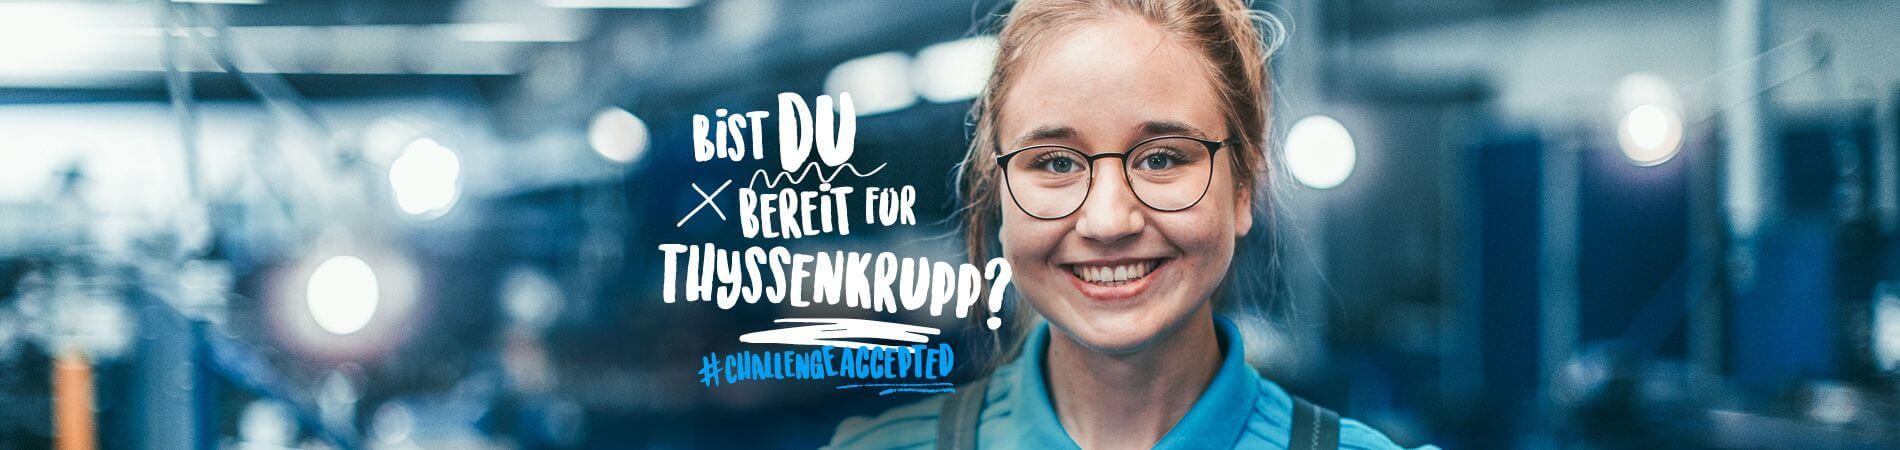 """Smiling Apprentice, Image Text: """"BIST DU BEREIT FÜR THYSSENKRUPP #CHALLENGEACCEPTED"""""""